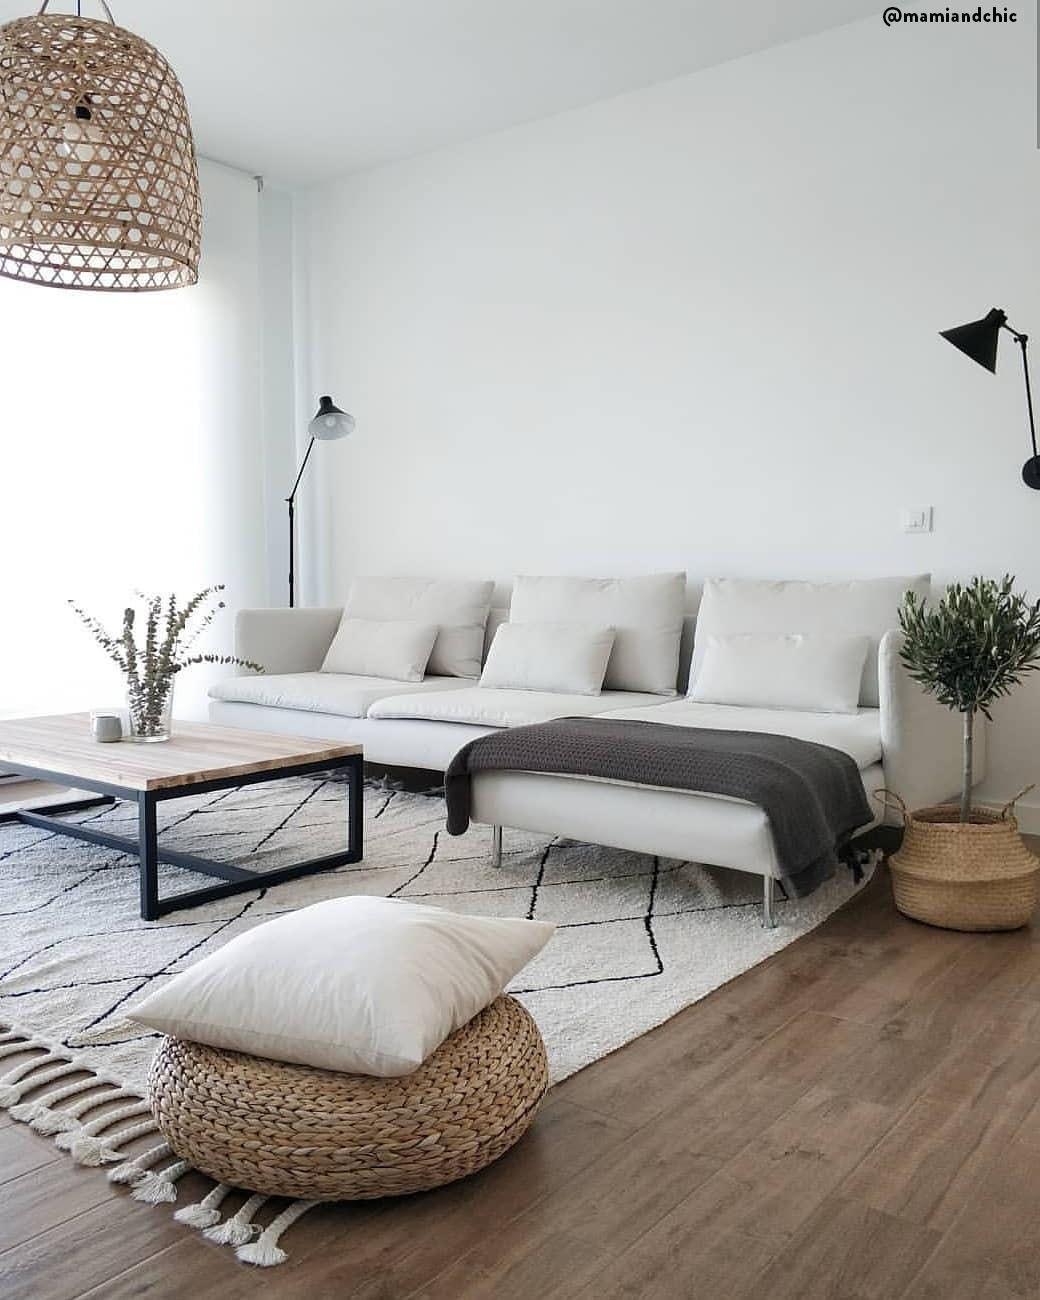 Neutro naturale il soggiorno pu essere arredato con toni netri e poche decorazioni for Soggiorno arredato